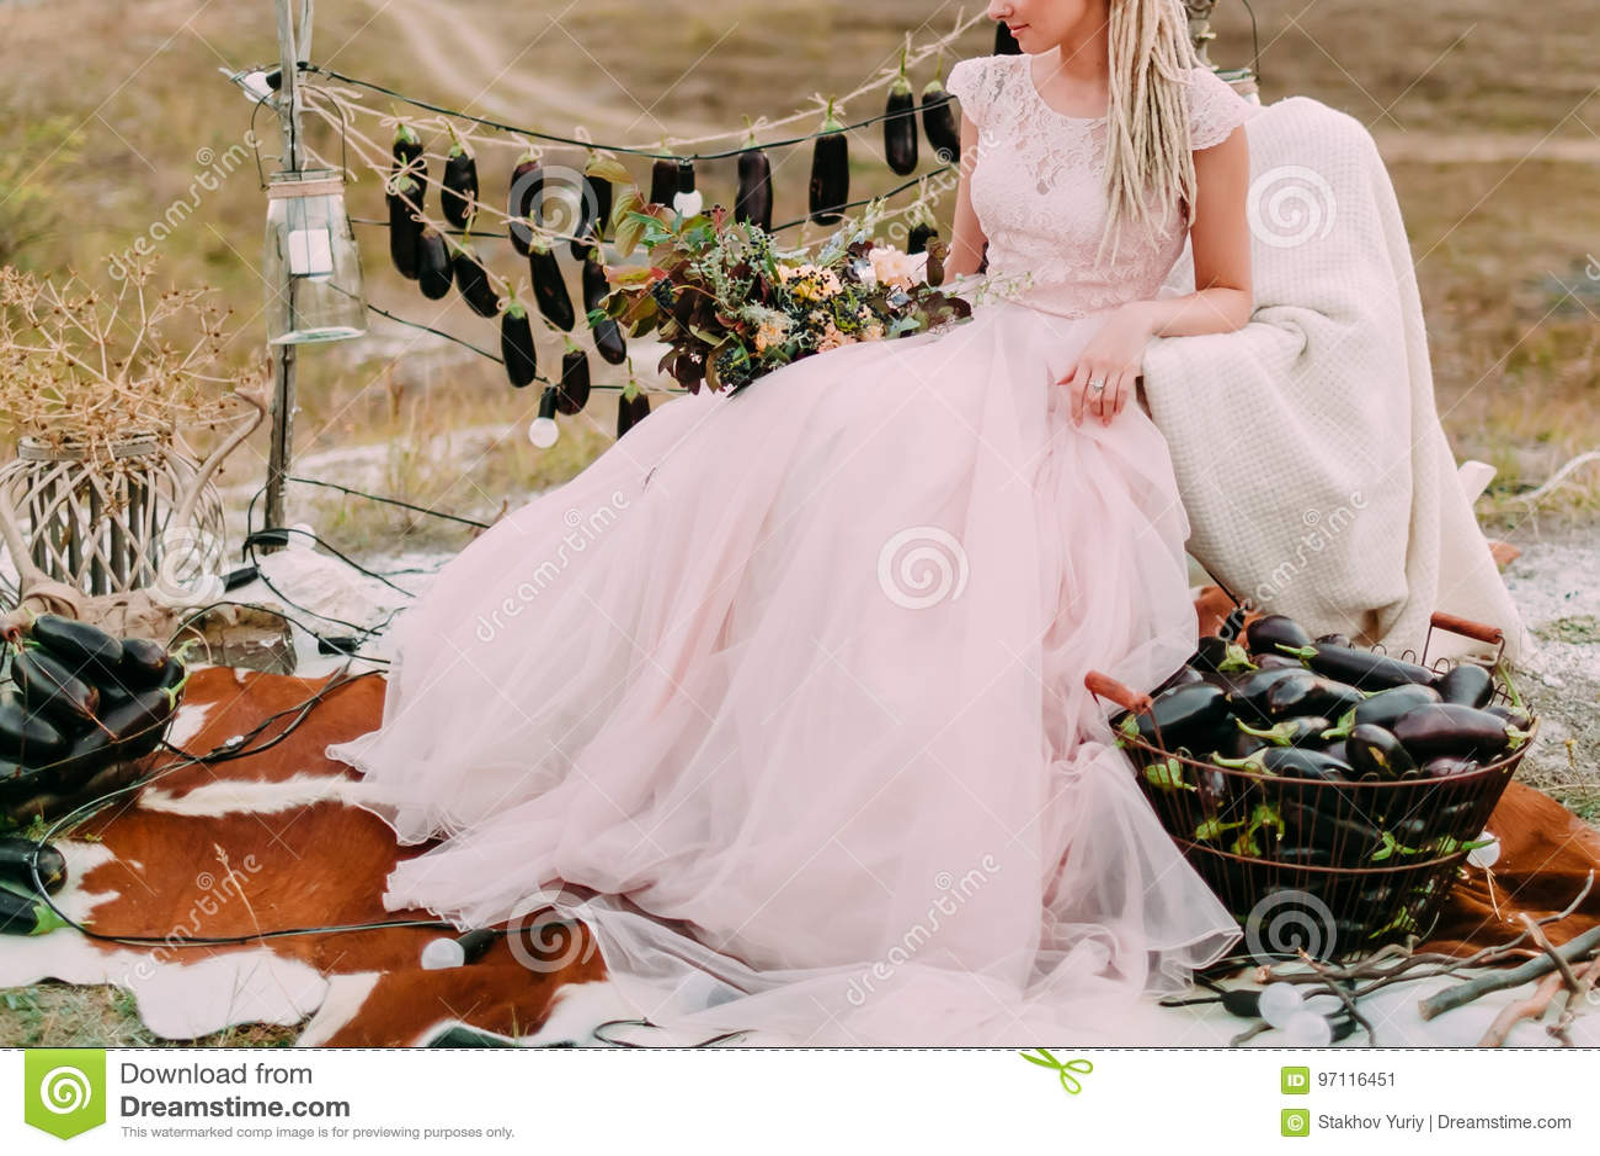 Rustikale Hochzeit Im Wald, Braut Sitzt Im Rosa Brautkleid Nahe ...